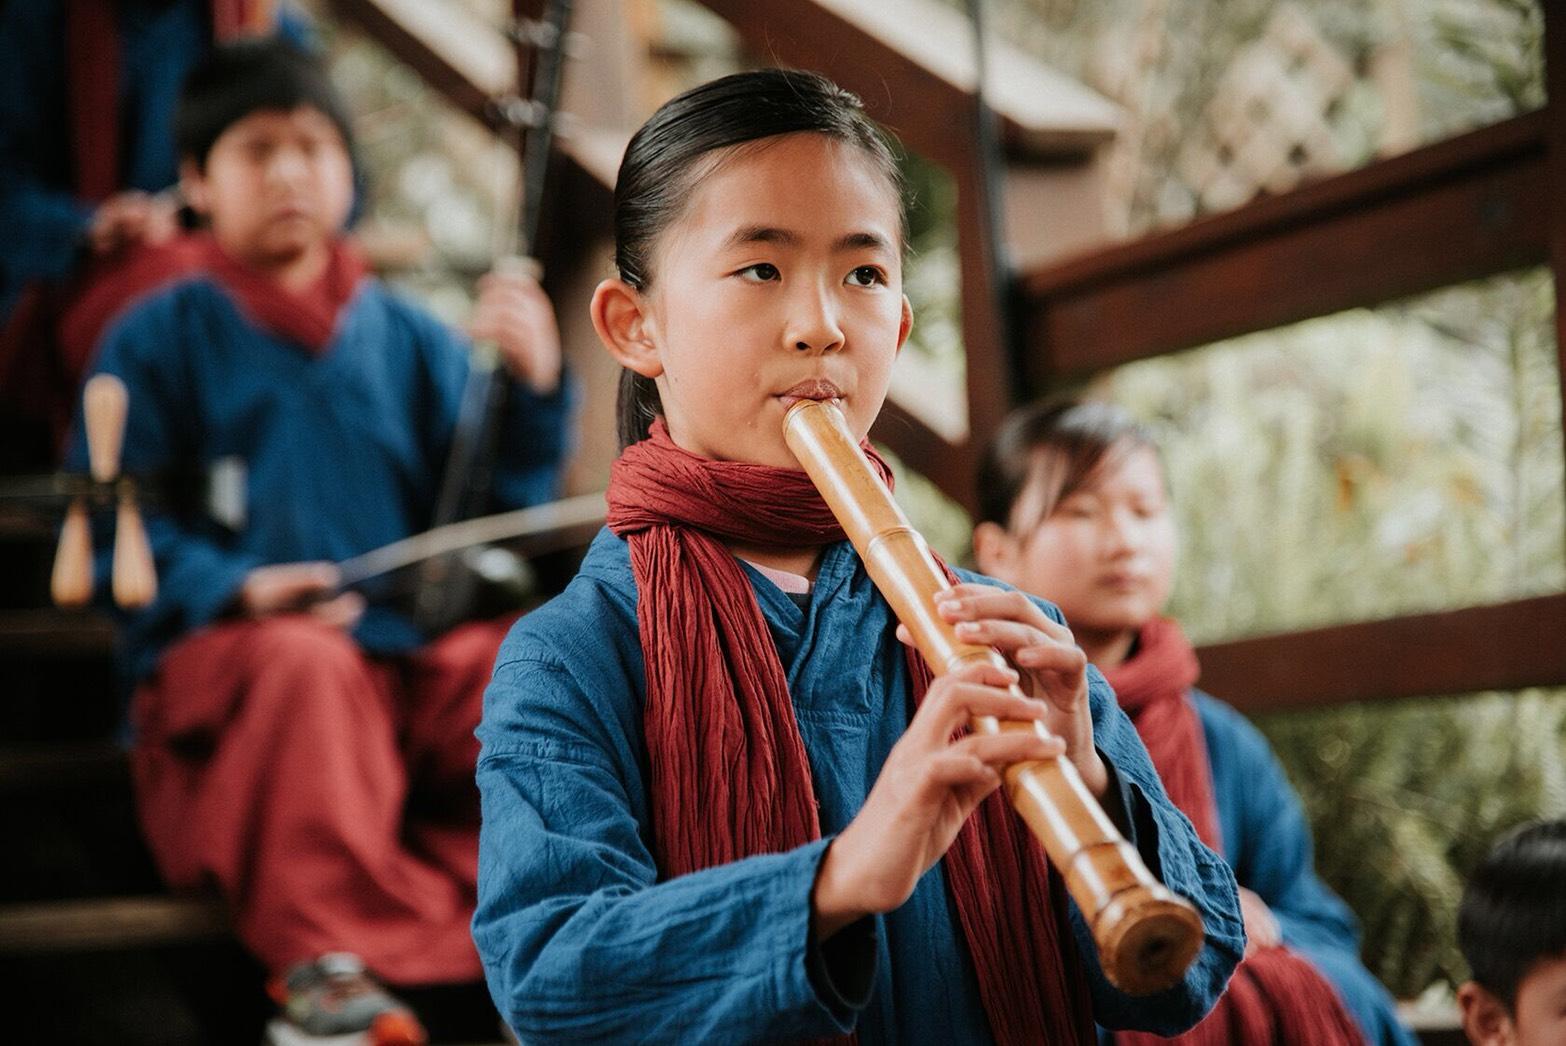 「櫻花南管茶會」在最美森林小學席地展開 趨勢教育基金會為鹿谷茶鄉藝術埋下希望種子